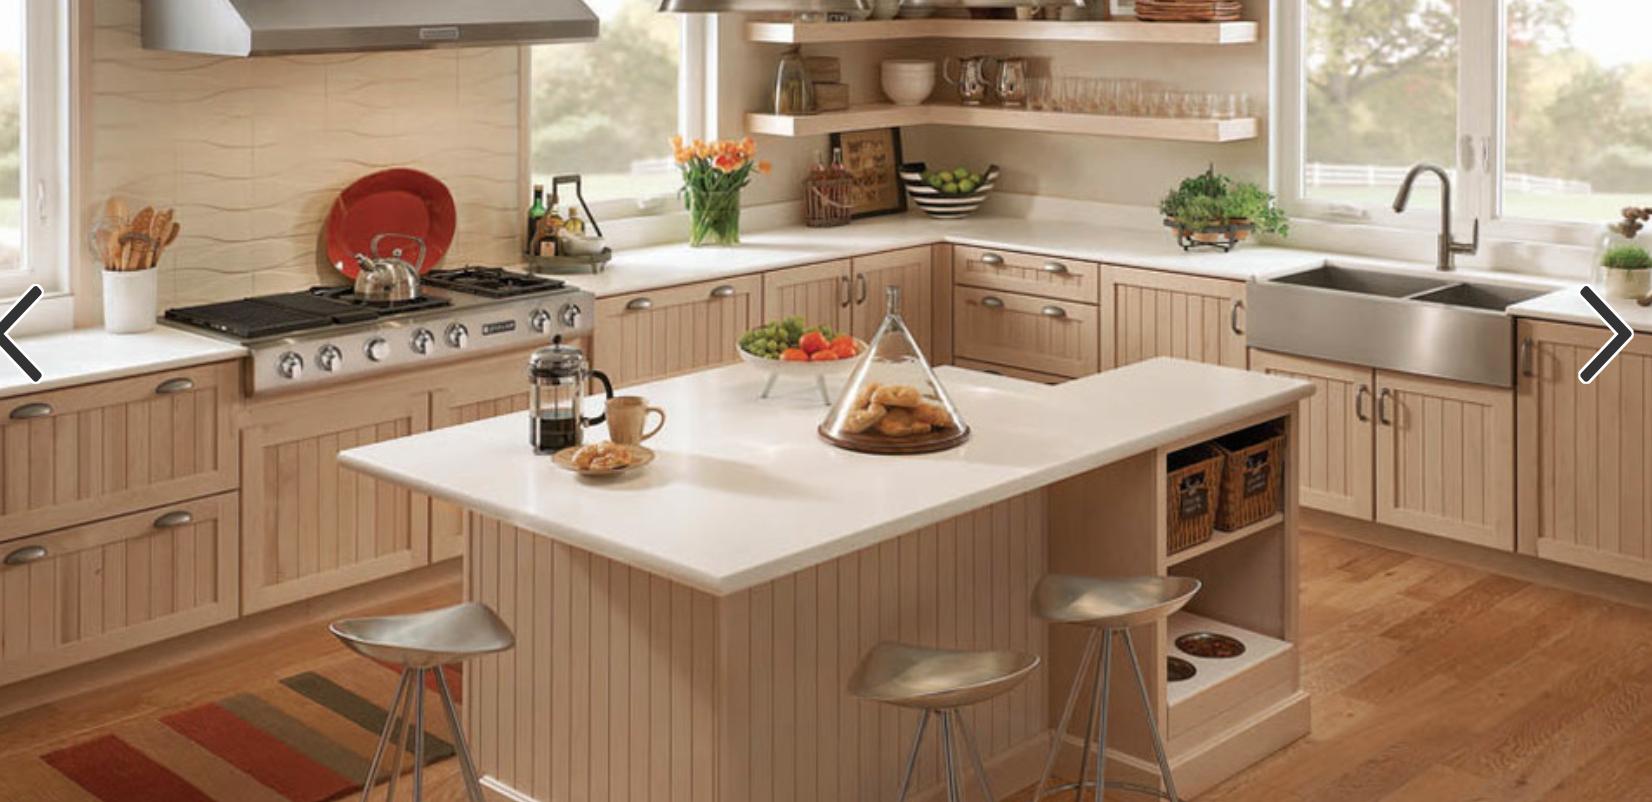 Seton Maple Parchment Kitchen Inspiration Design Kraftmaid Kitchen Cabinets Modern White Kitchen Cabinets